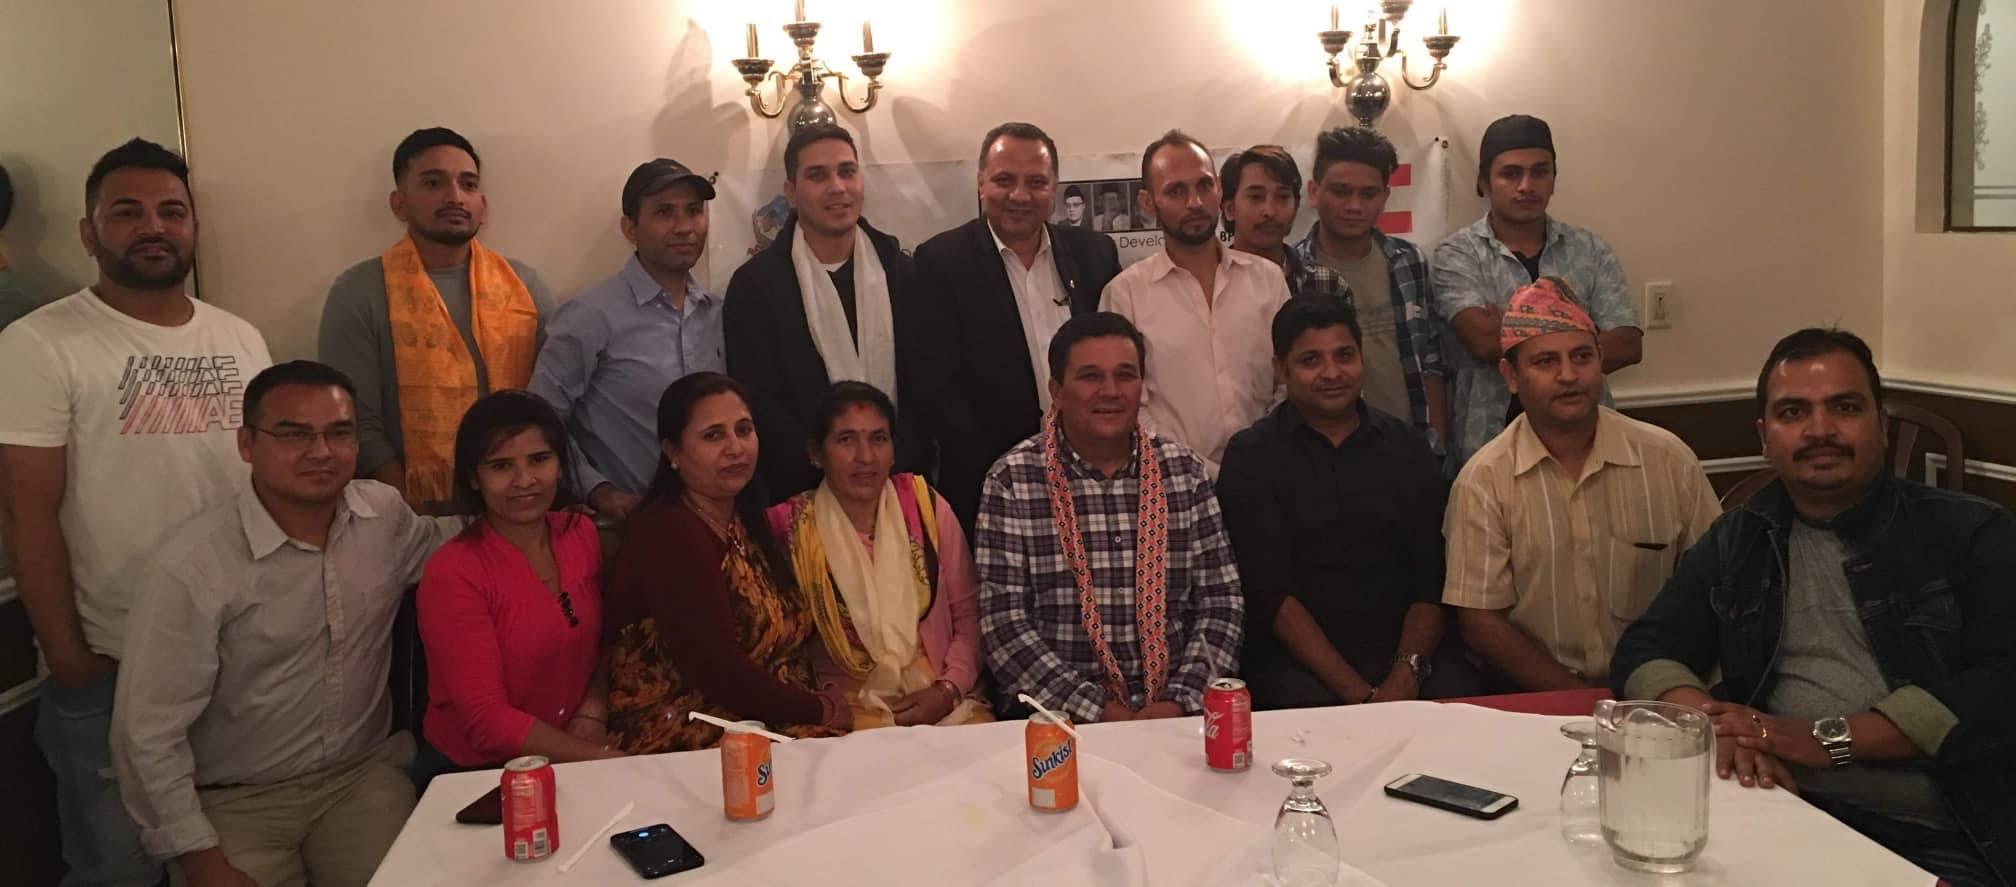 सवल कांग्रेस जनताको चाहना : काठमान्डौं कांग्रेस सभापति बानियां